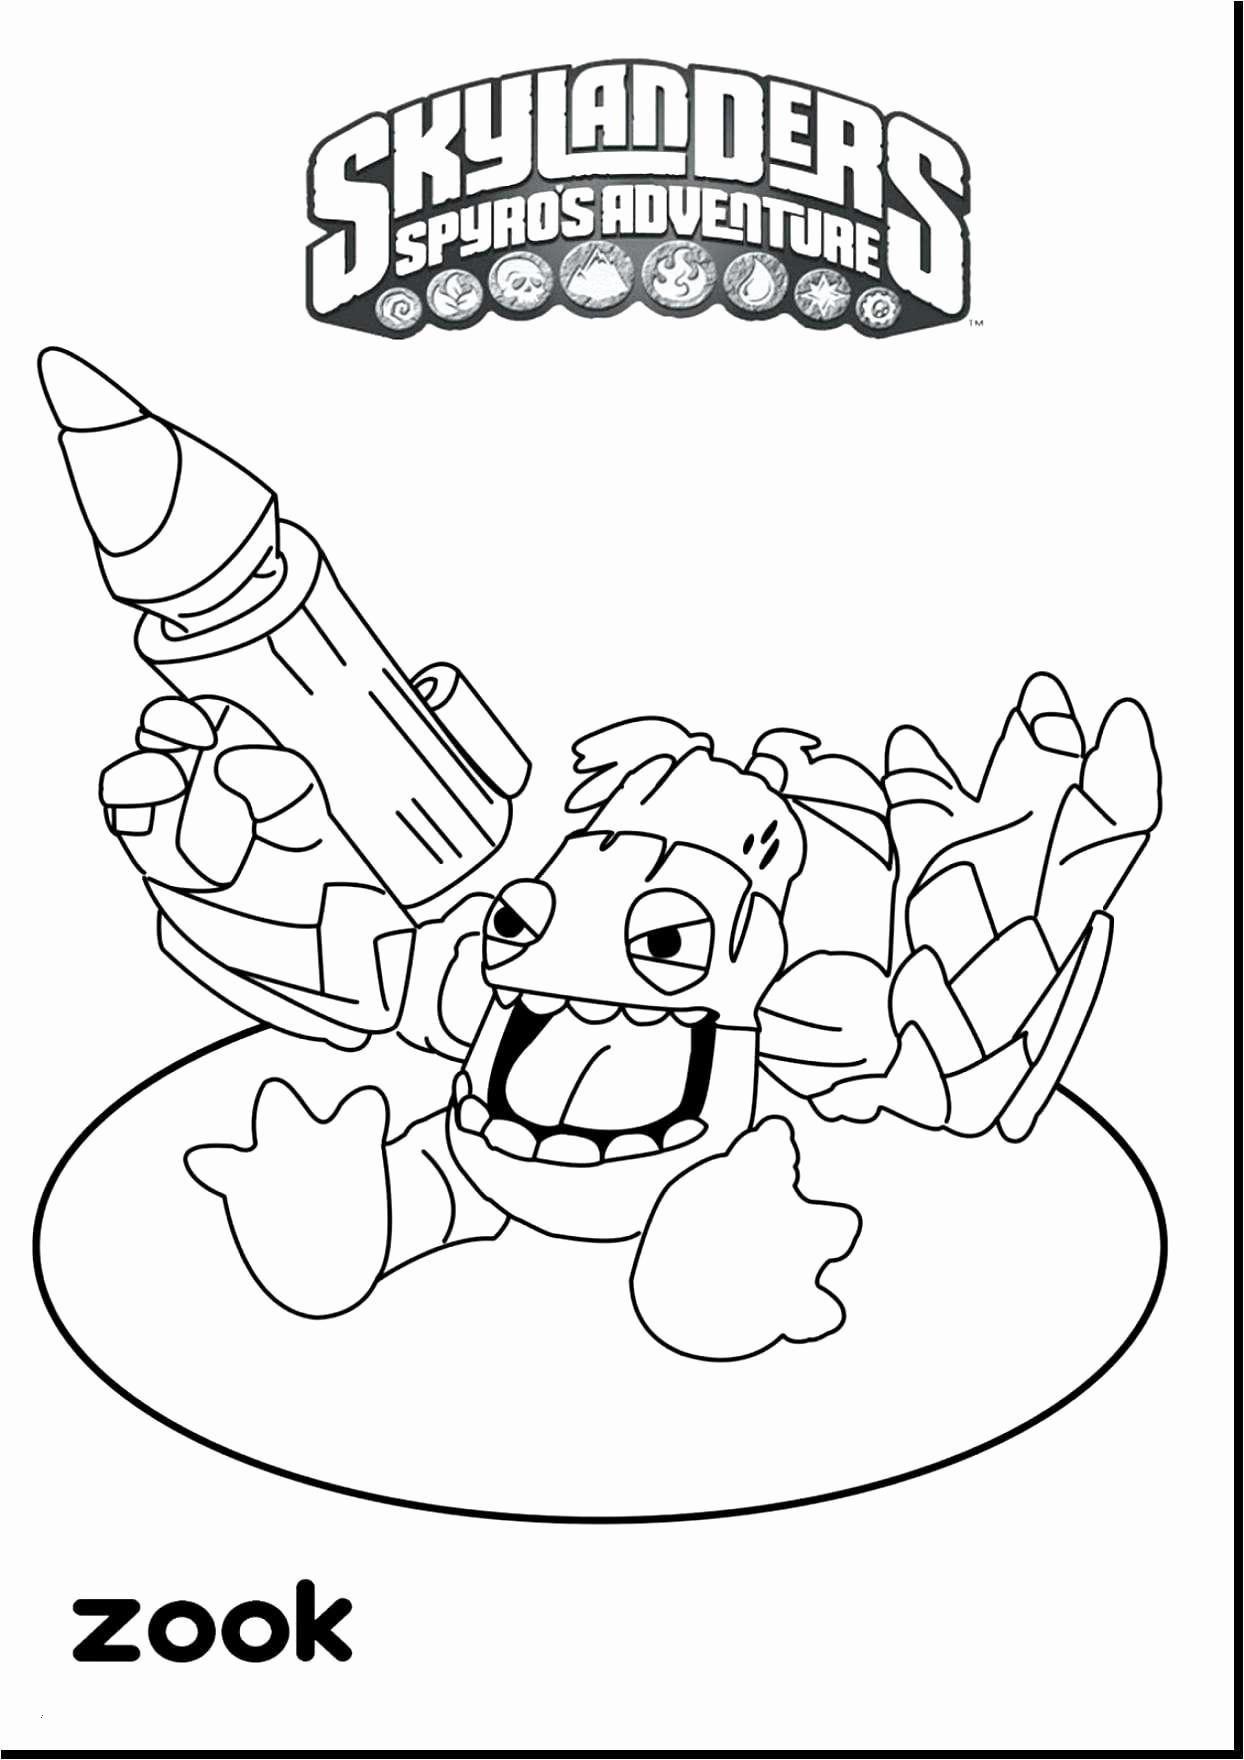 Donkey Kong Ausmalbilder Neu 45 Inspirierend Malvorlagen Mario Mickeycarrollmunchkin Bilder